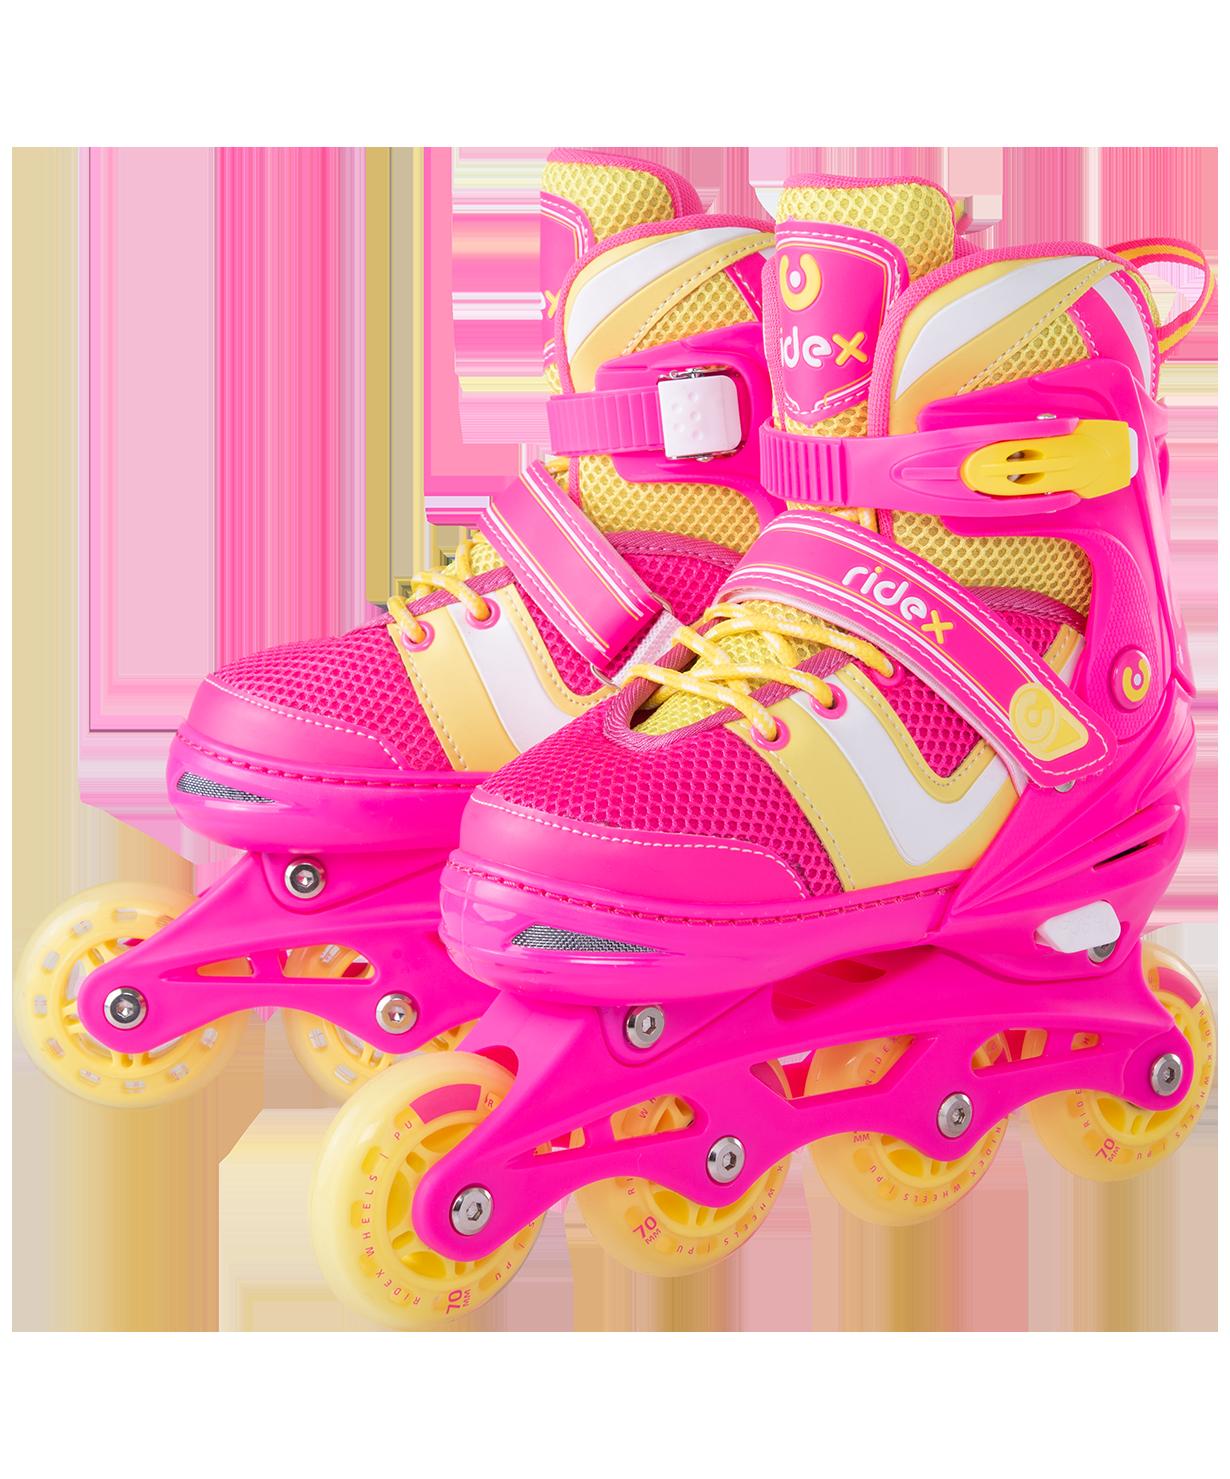 Купить Ролики раздвижные Wing Pink, пластиковая рама - L (38-41), Ролики раздвижные Ridex Wing Pink, р. L (38-41),